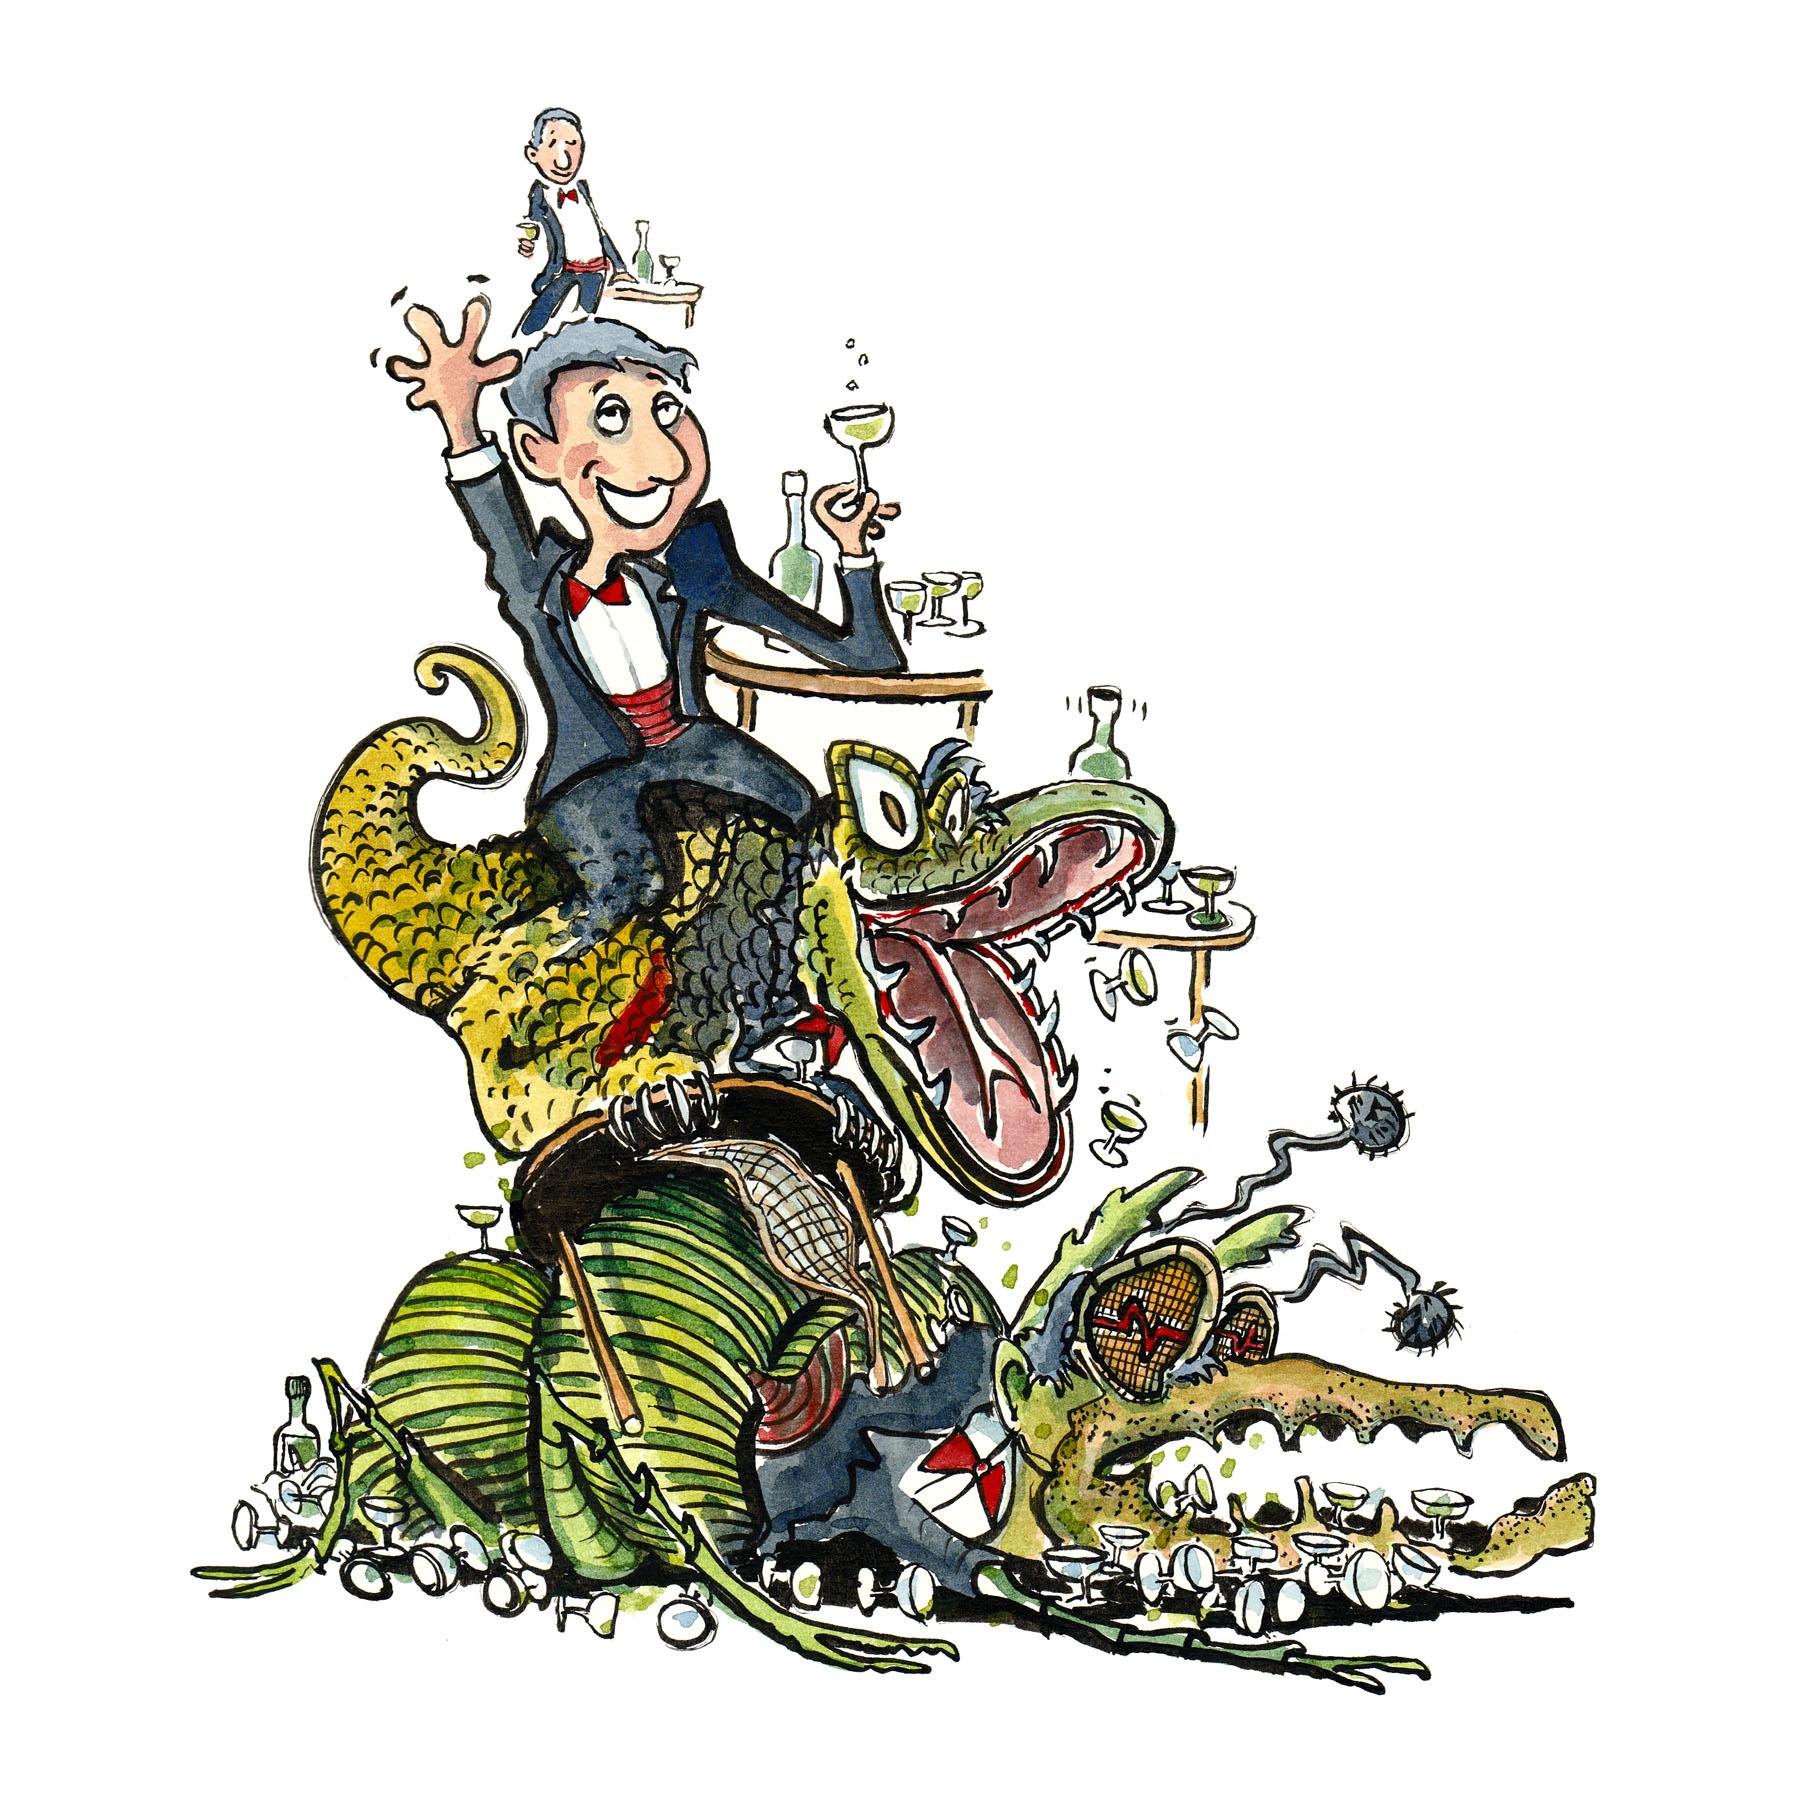 Tegning af mand ved bord og en forvandling til insekt længere fremme - - illustration af Frits Ahlefeldt